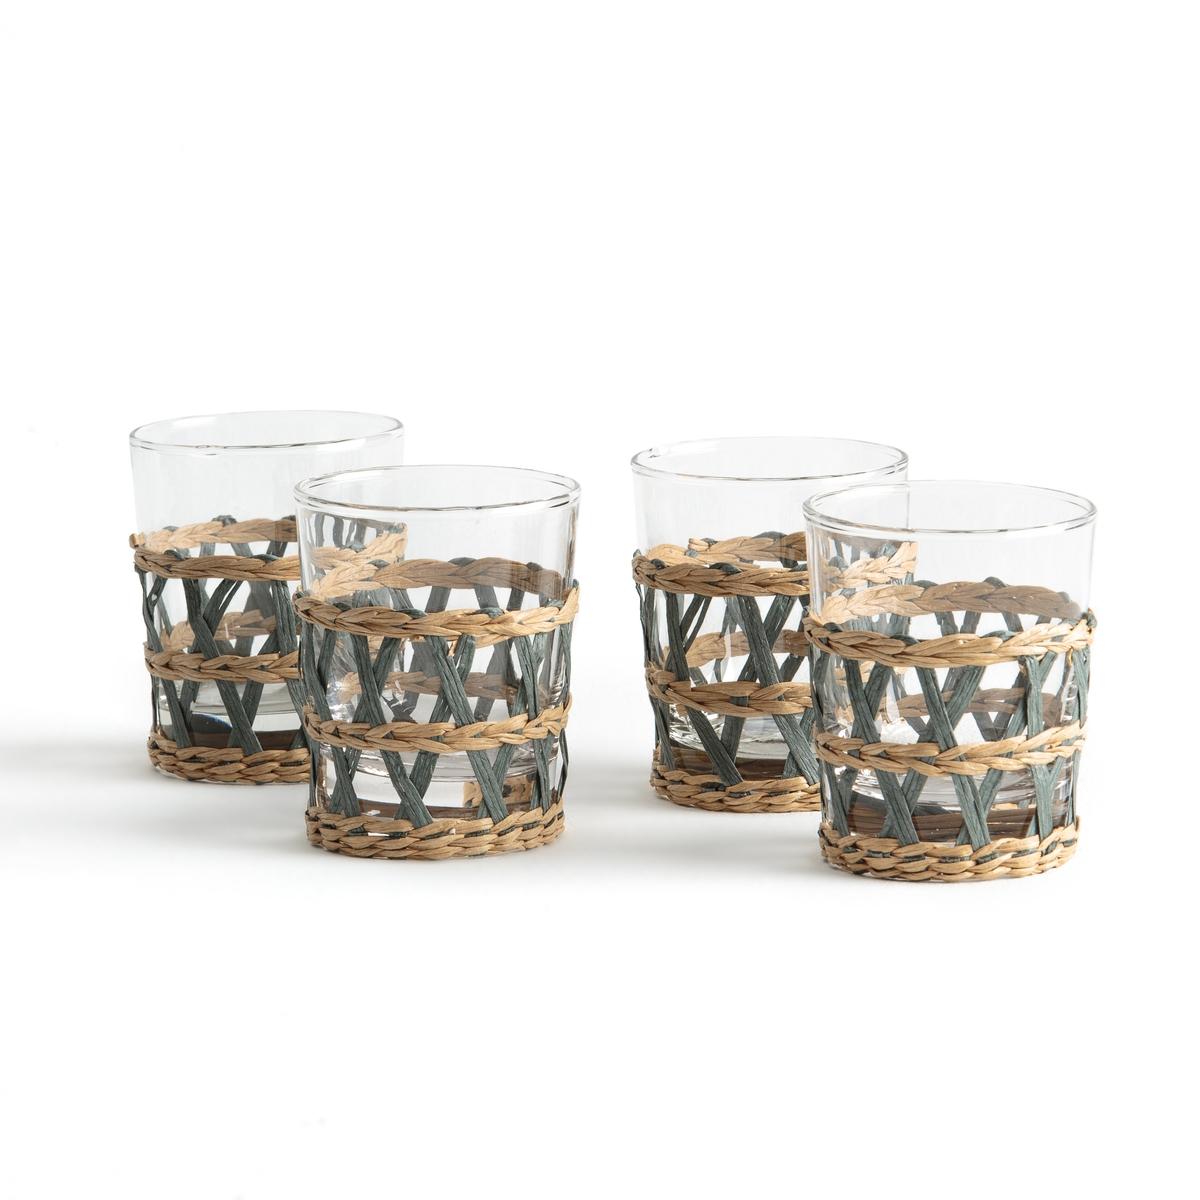 Бокала La Redoute С плетеным низом Qualimna единый размер другие бокала la redoute для шампанского lurik единый размер другие